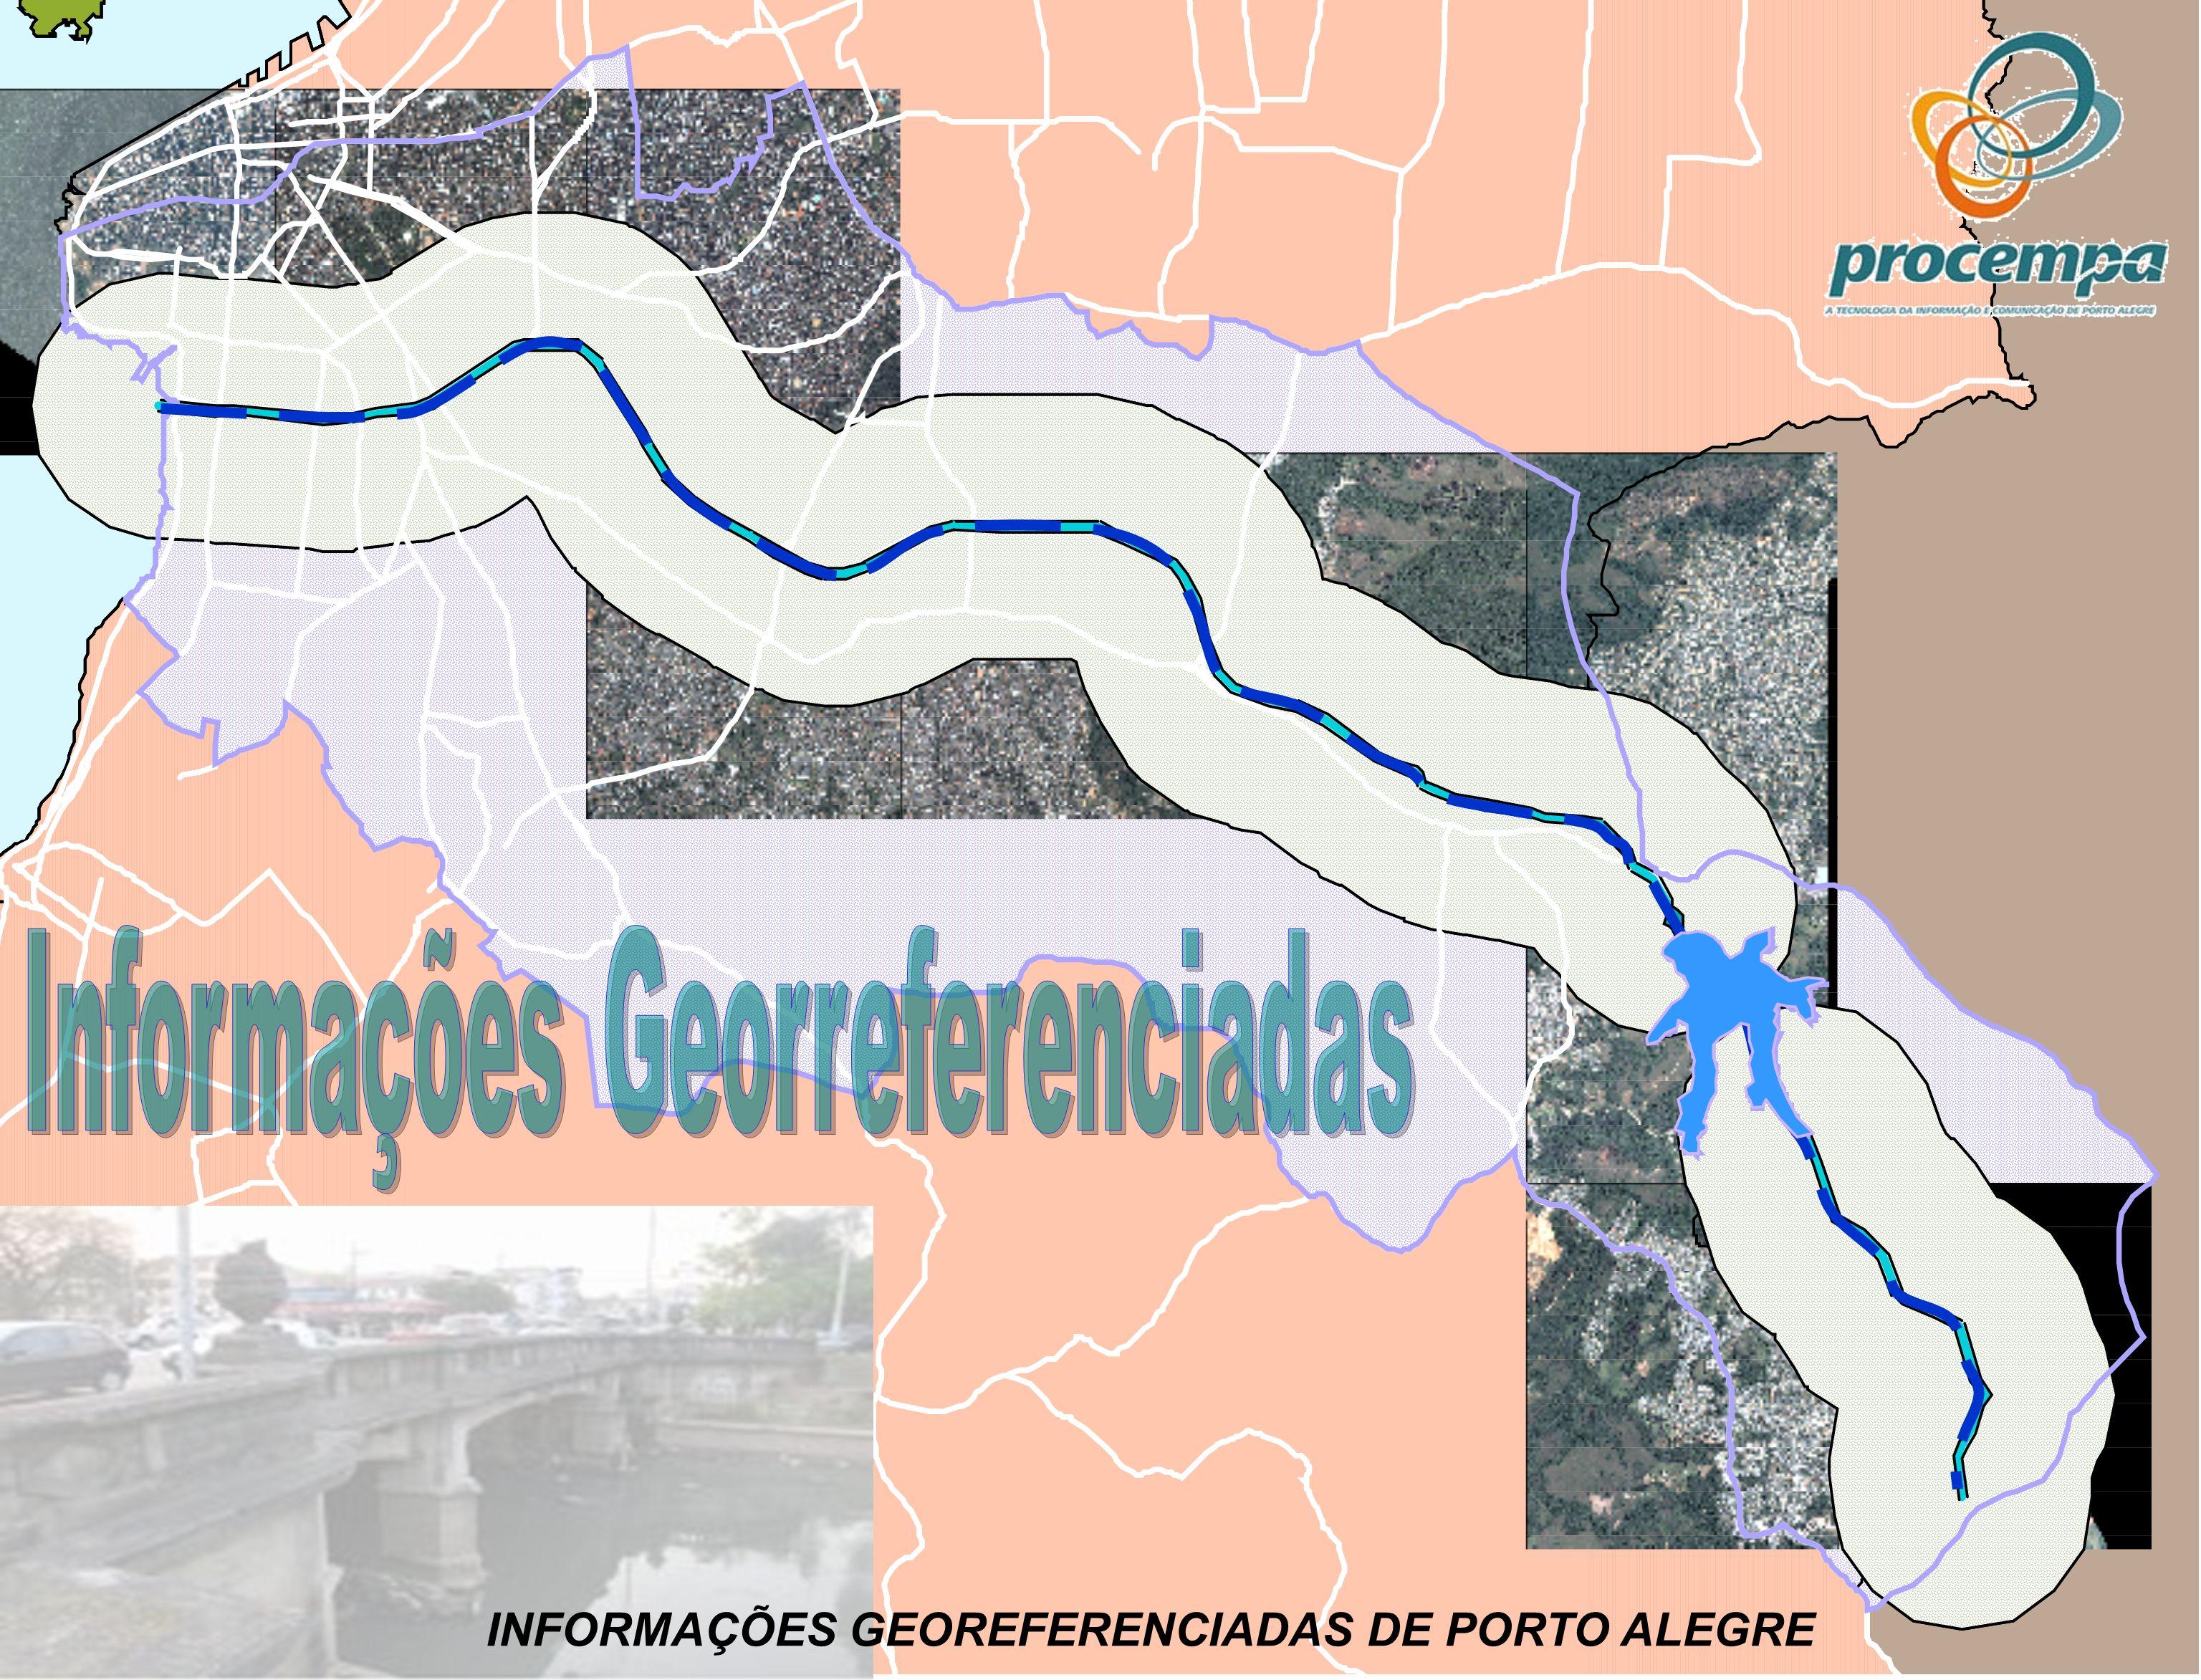 INFORMAÇÕES GEOREFERENCIADAS DE PORTO ALEGRE